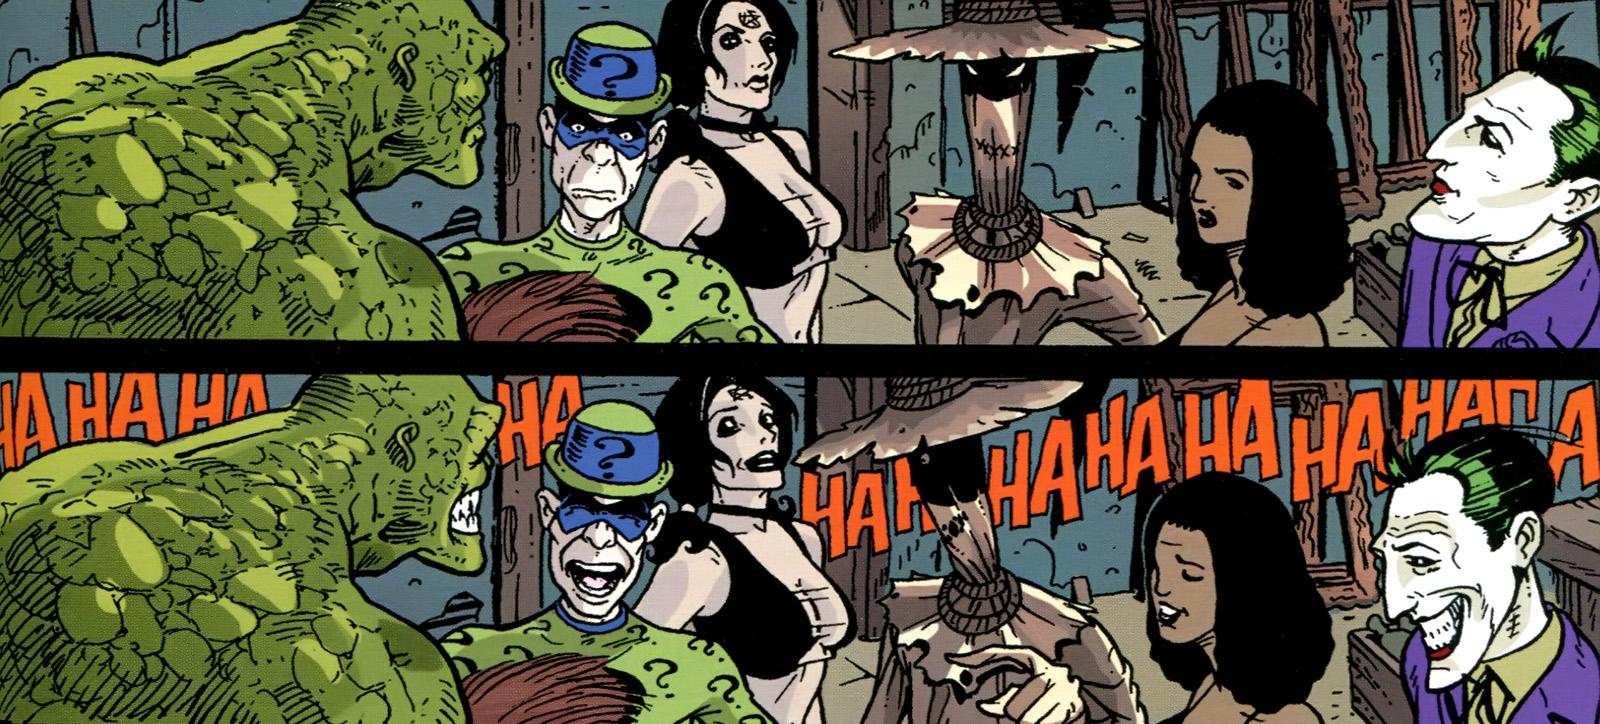 Batman Cataclysme Joker Vilains